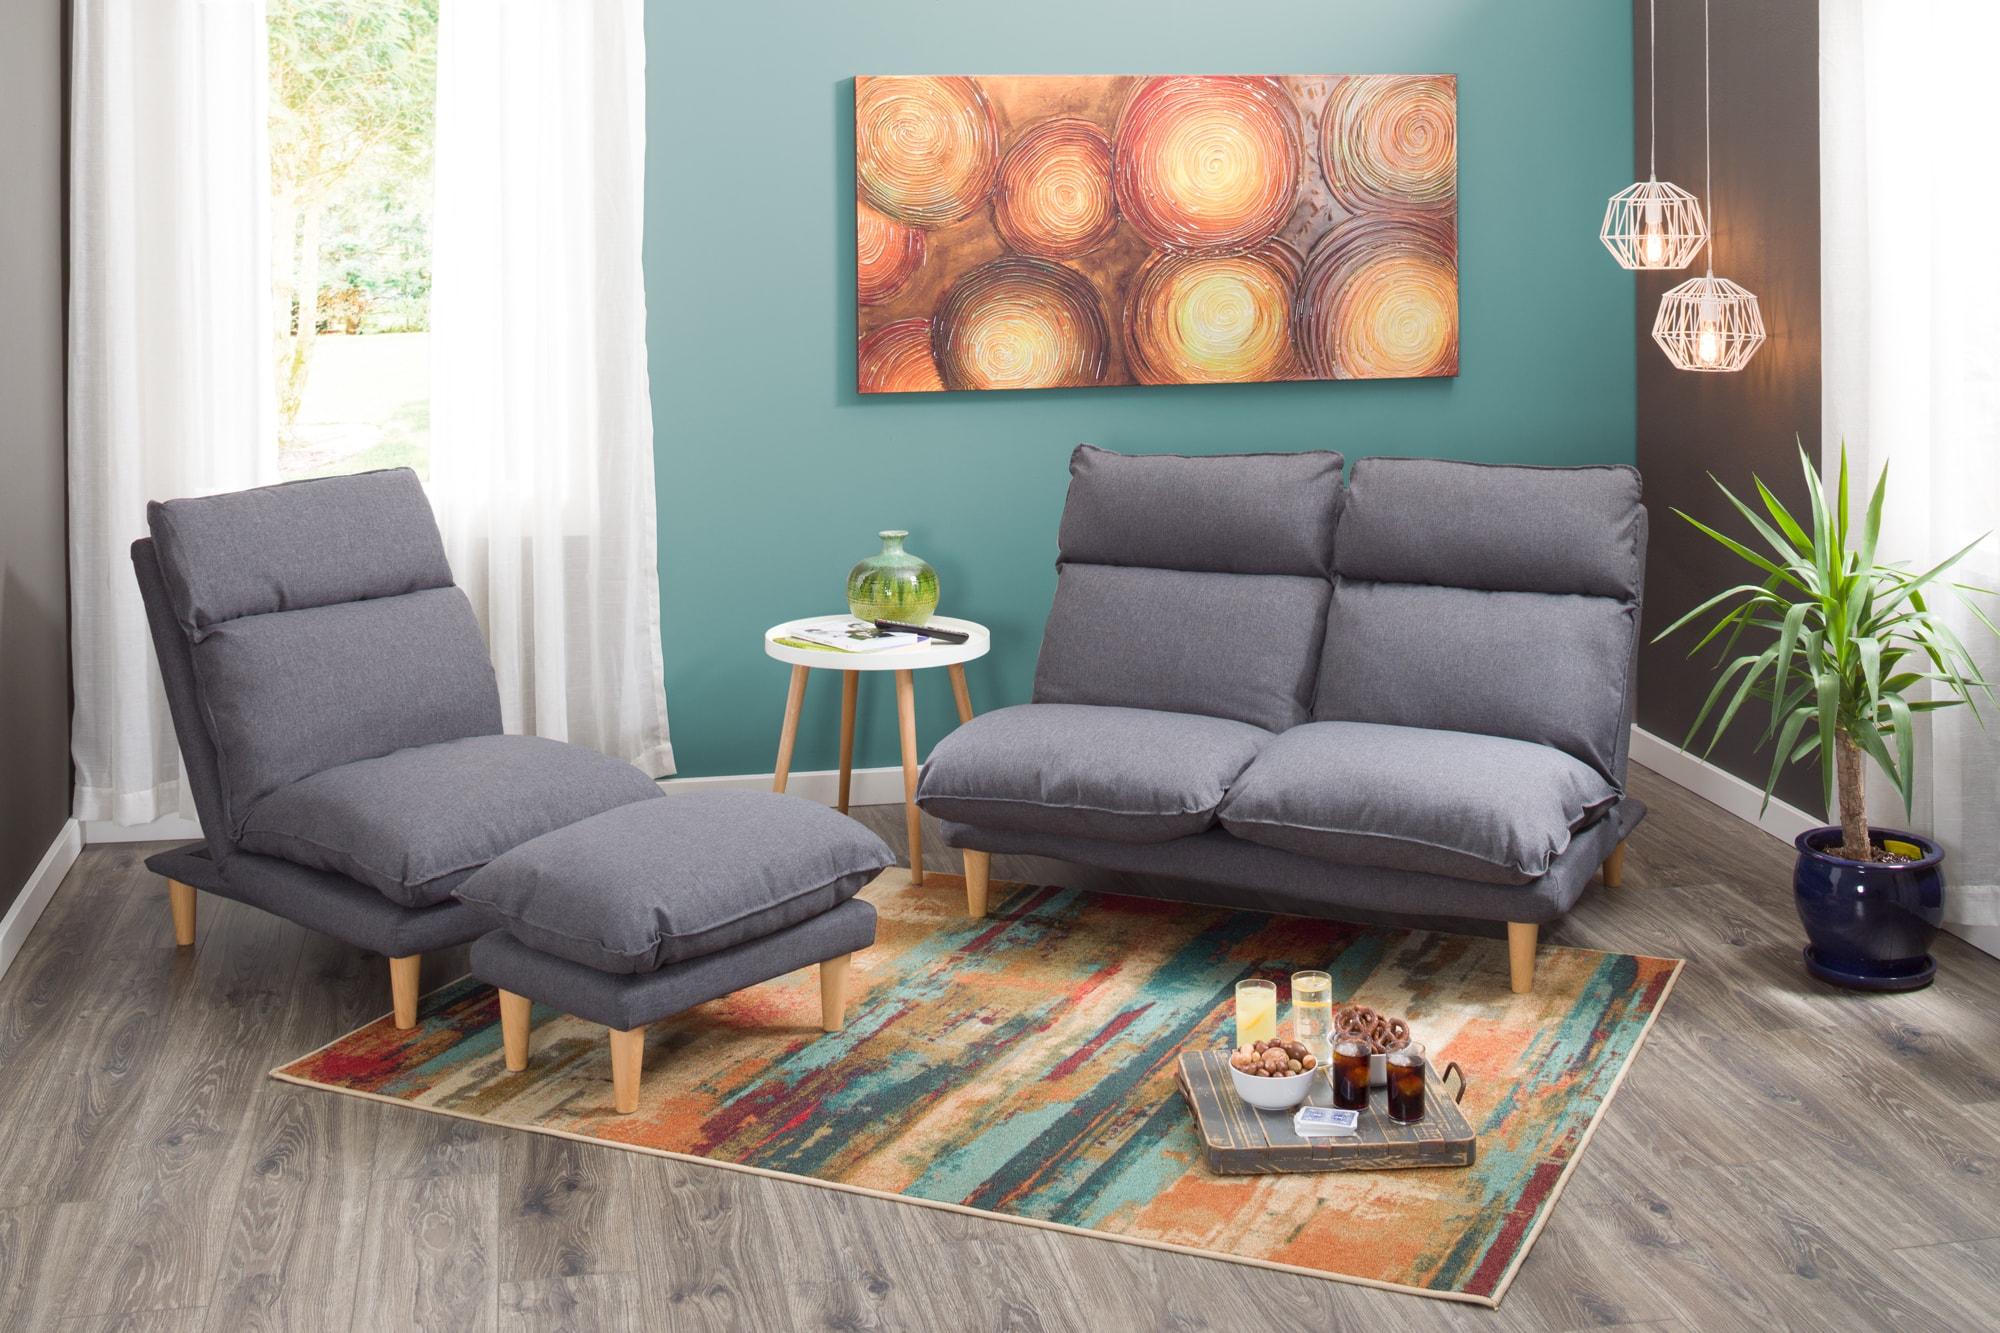 Split complementary room